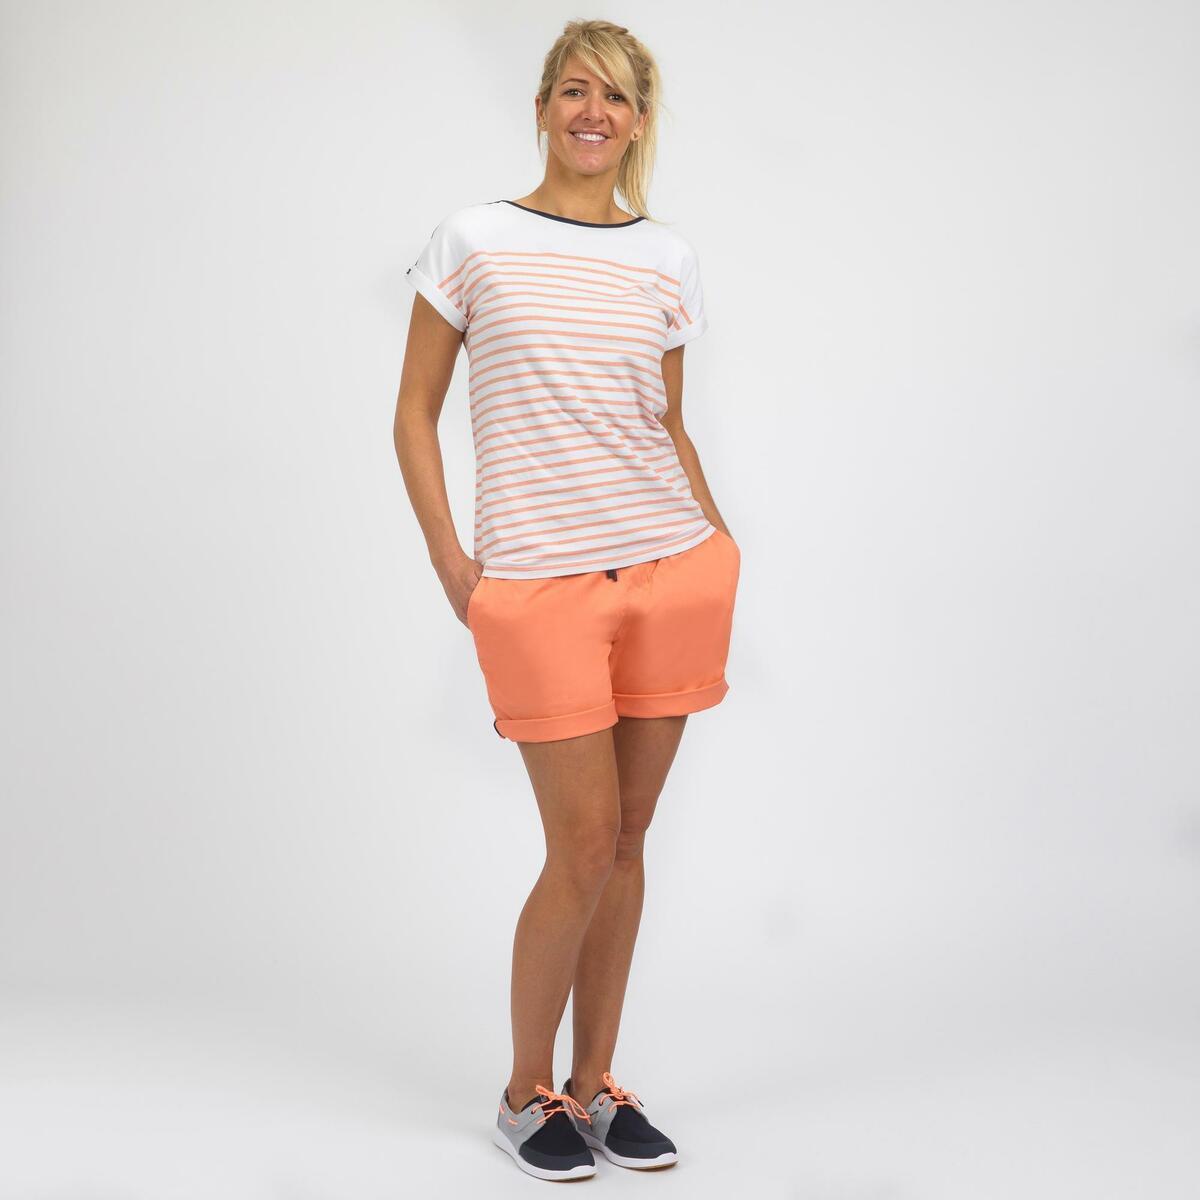 Bild 2 von Segelshirt kurzarm Sailing 100 Damen weiß/koralle